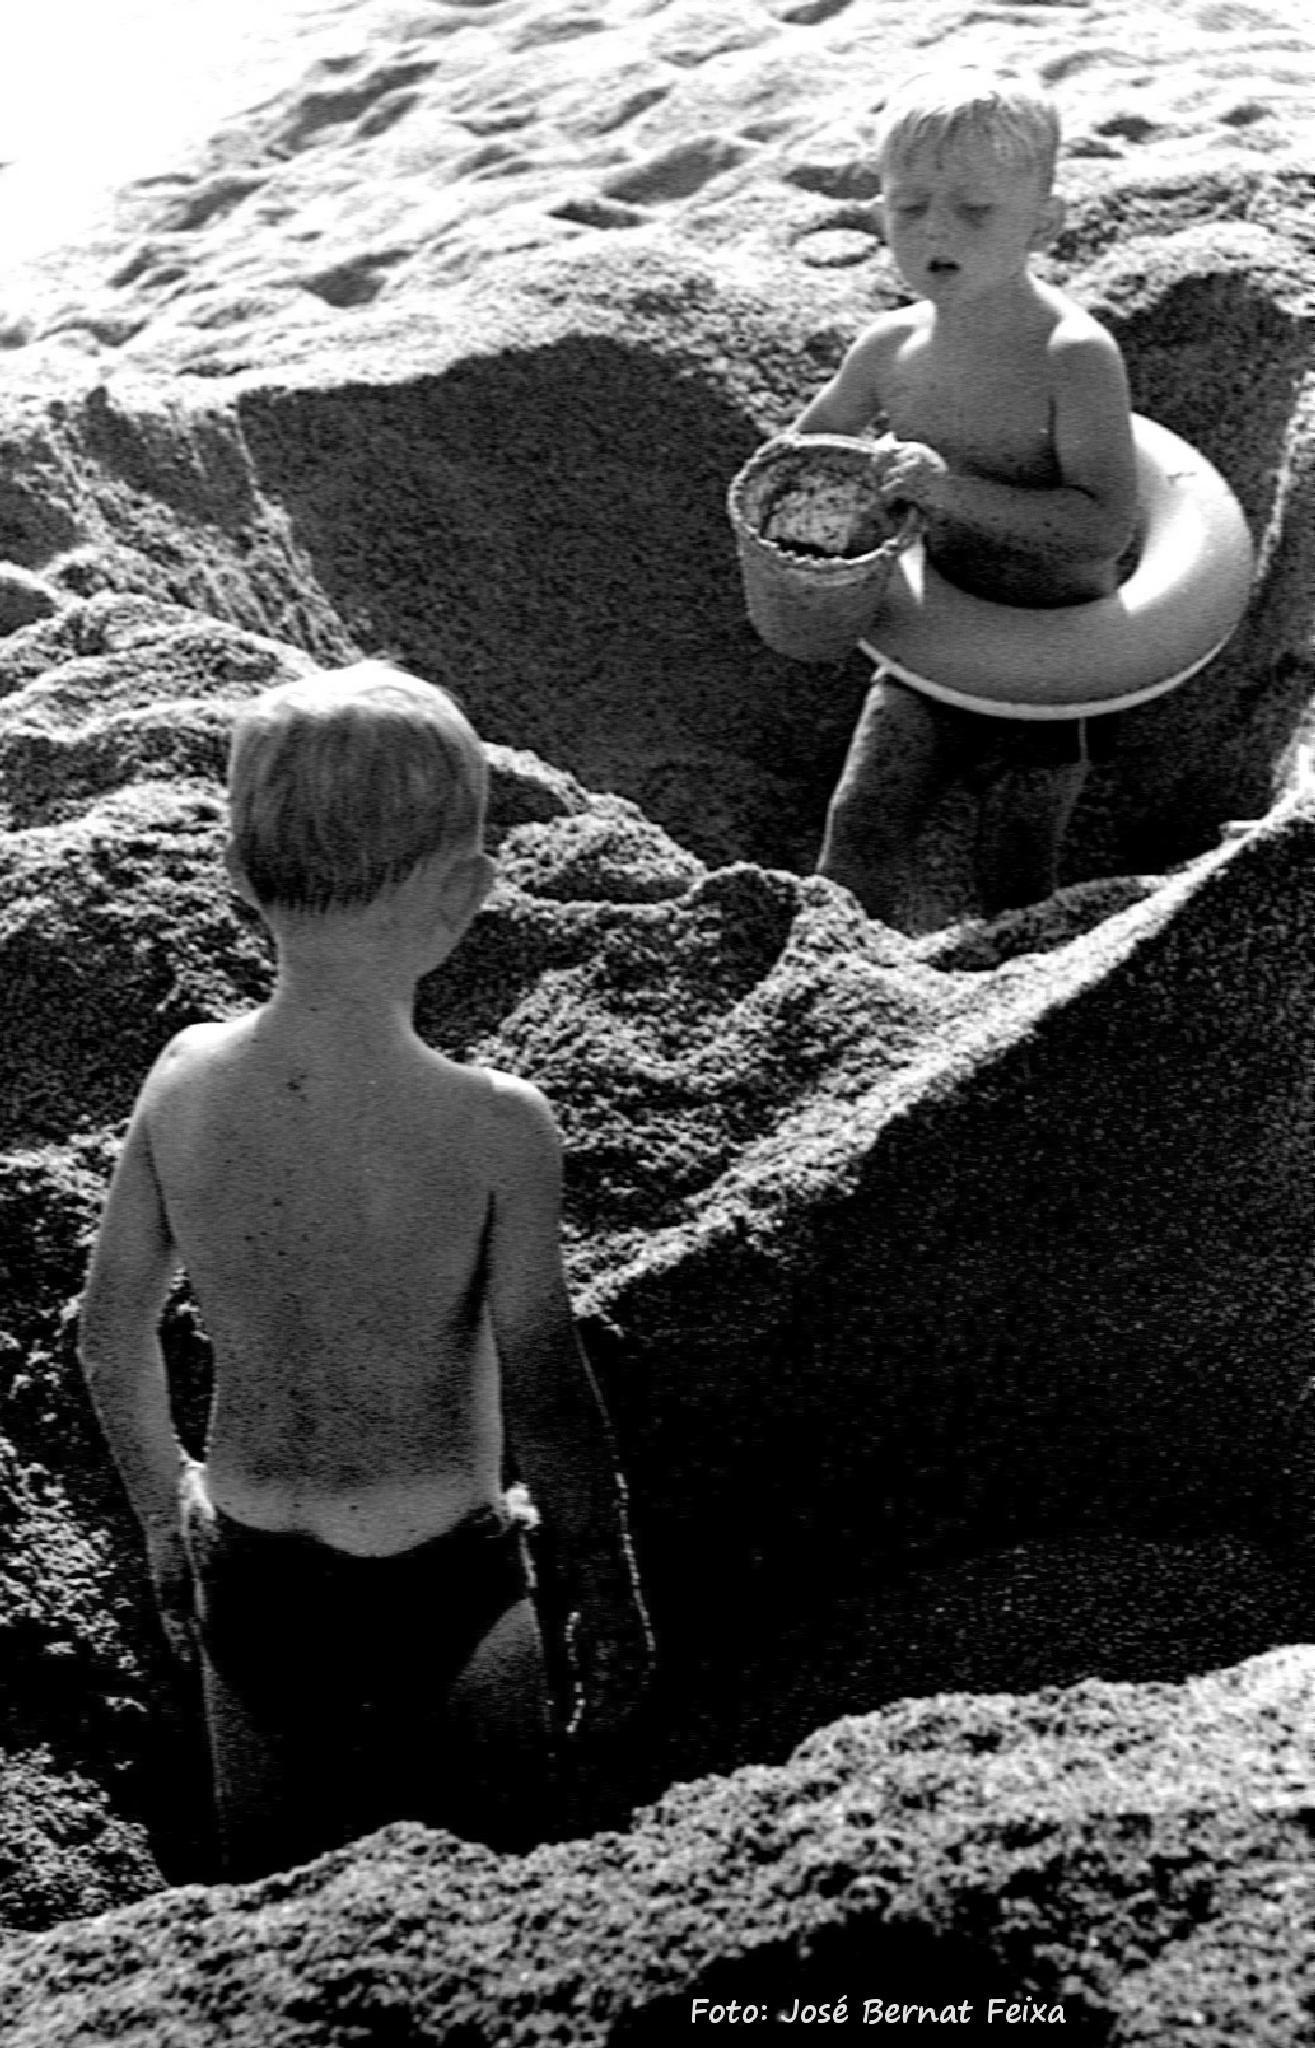 JUGANDO CON LA ARENA, SPELEN MET ZAND, PLAYING WITH SAND (60's) by José Bernat Feixa